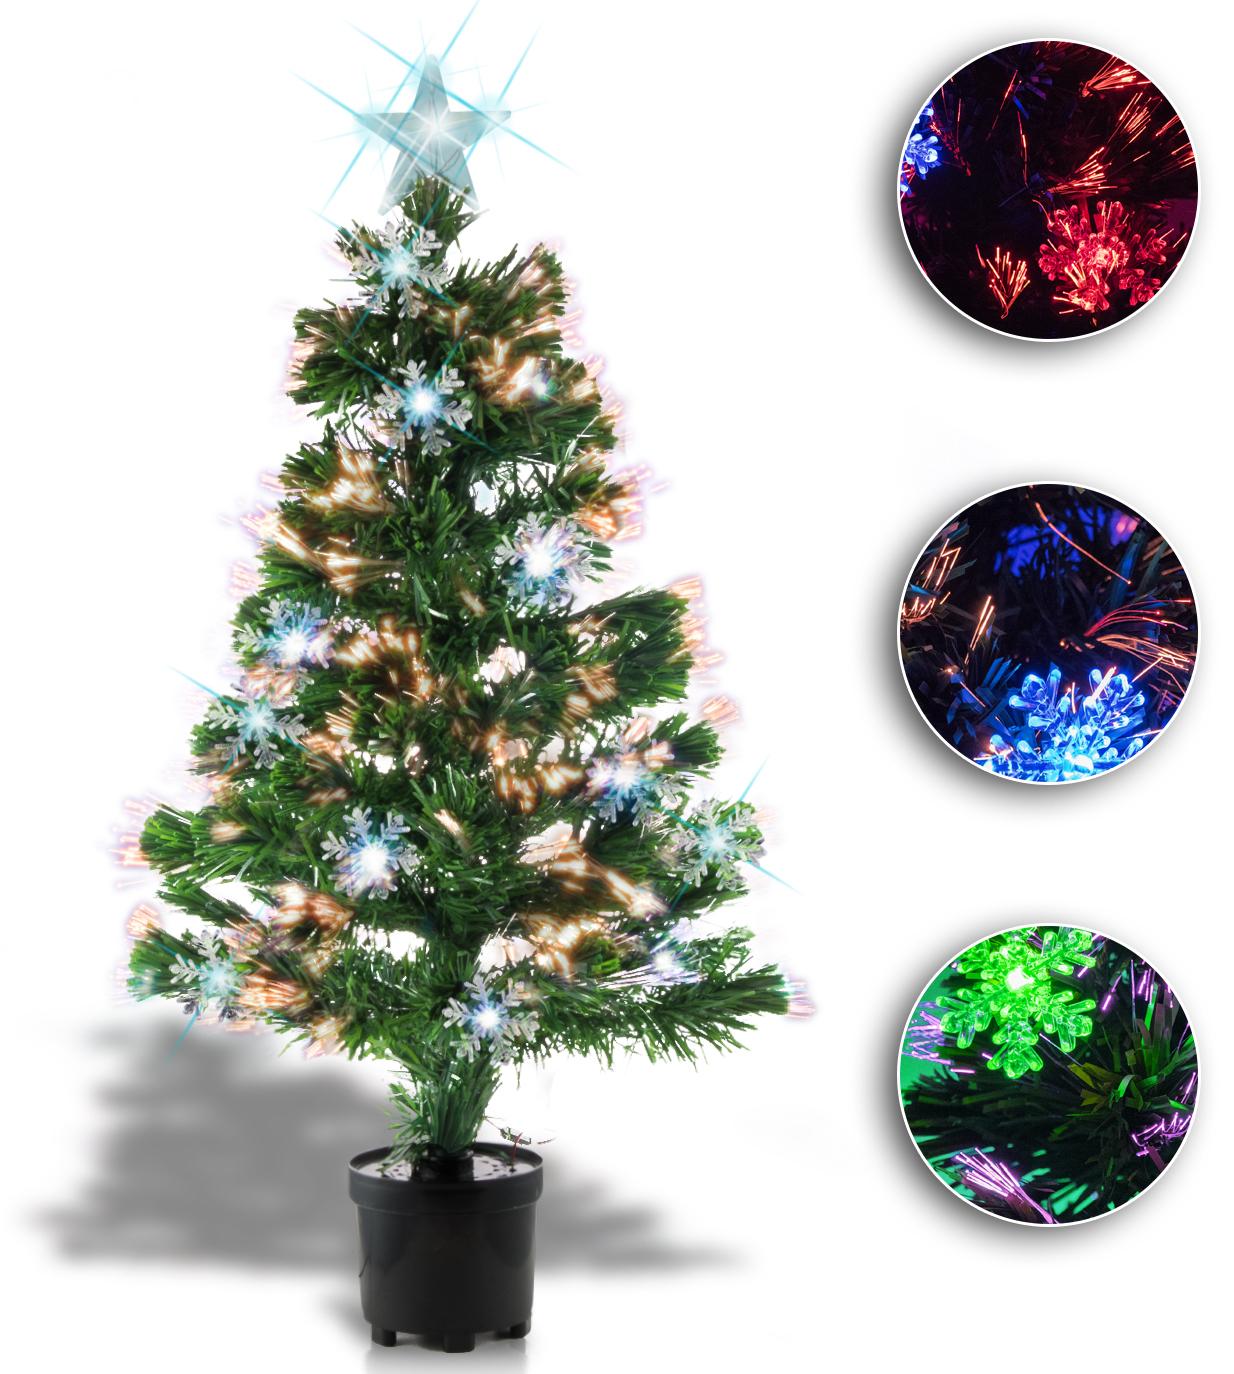 Weihnachtsbaum christbaum tannenbaum dekoration mit farbwechsel 60 90 120cm ebay - Tannenbaum dekoration ...